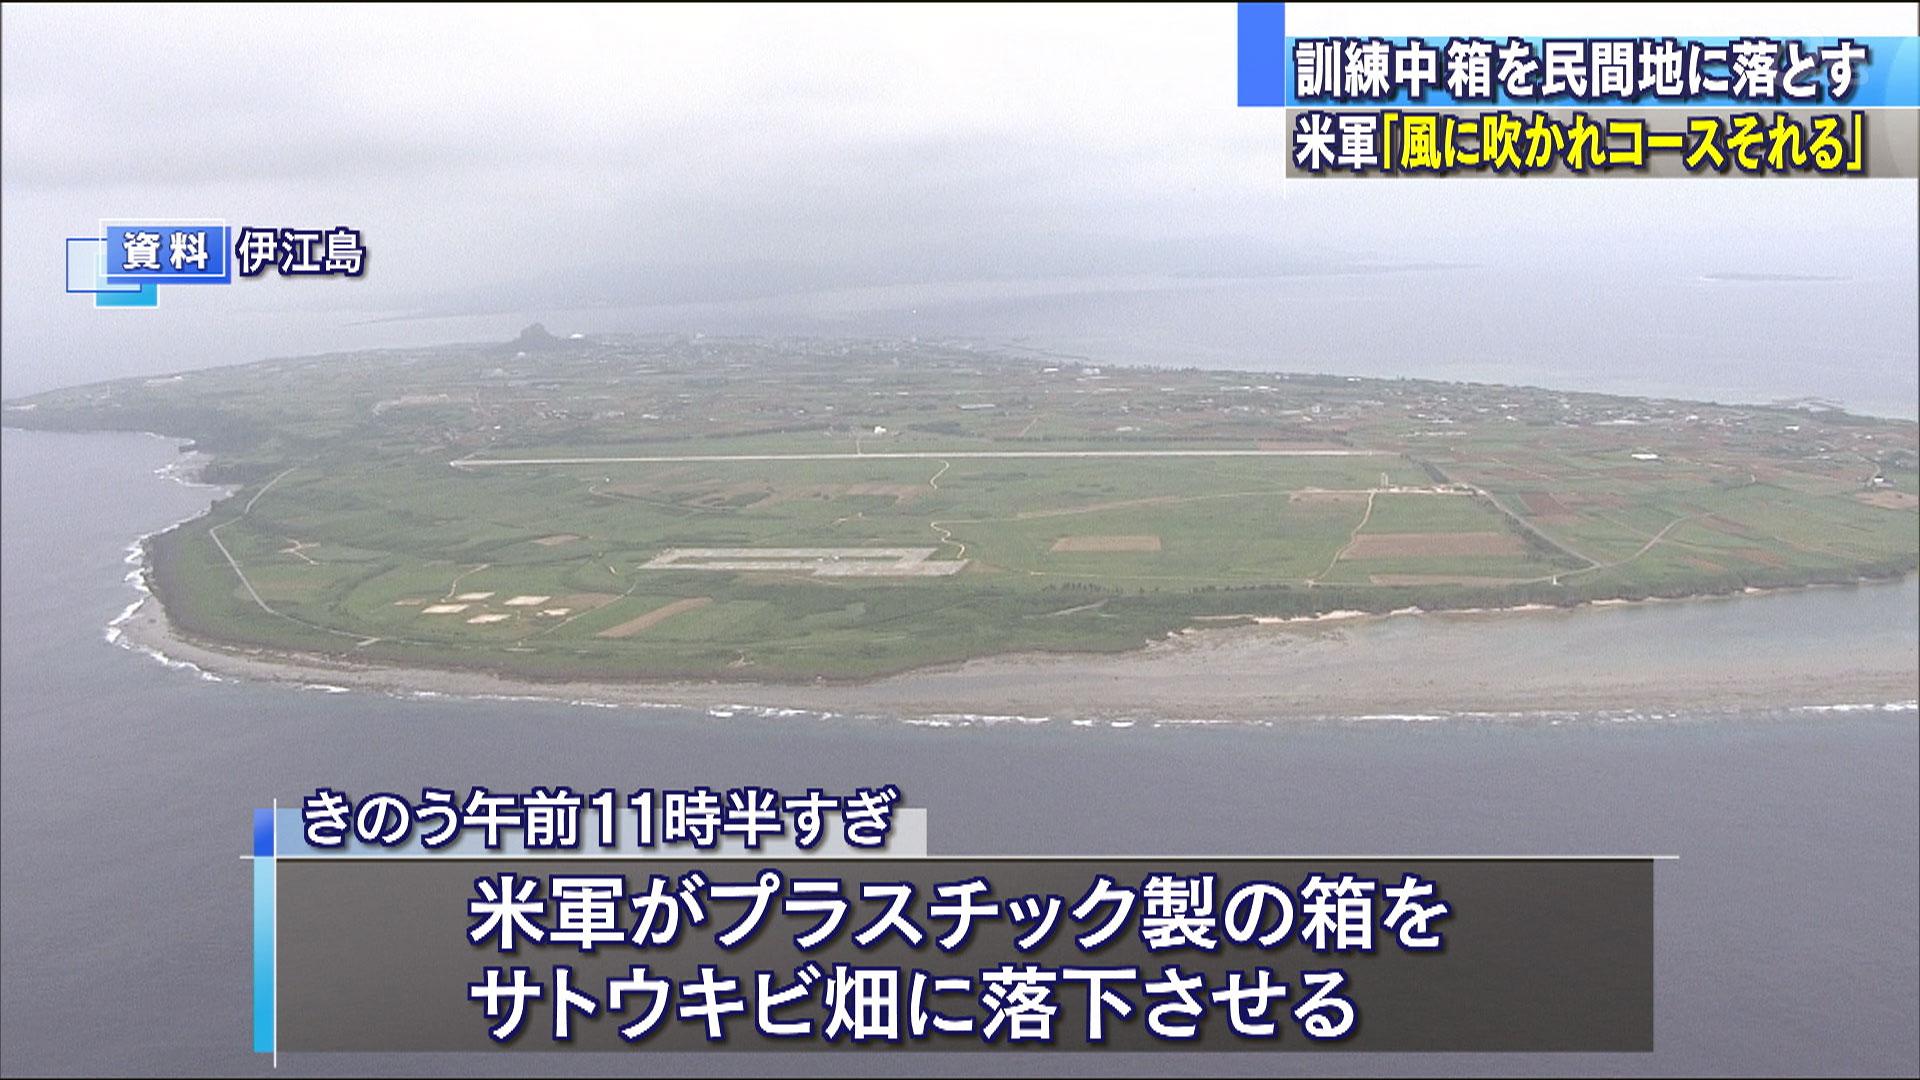 伊江島でパラ訓の米軍が民間地に箱を落とす